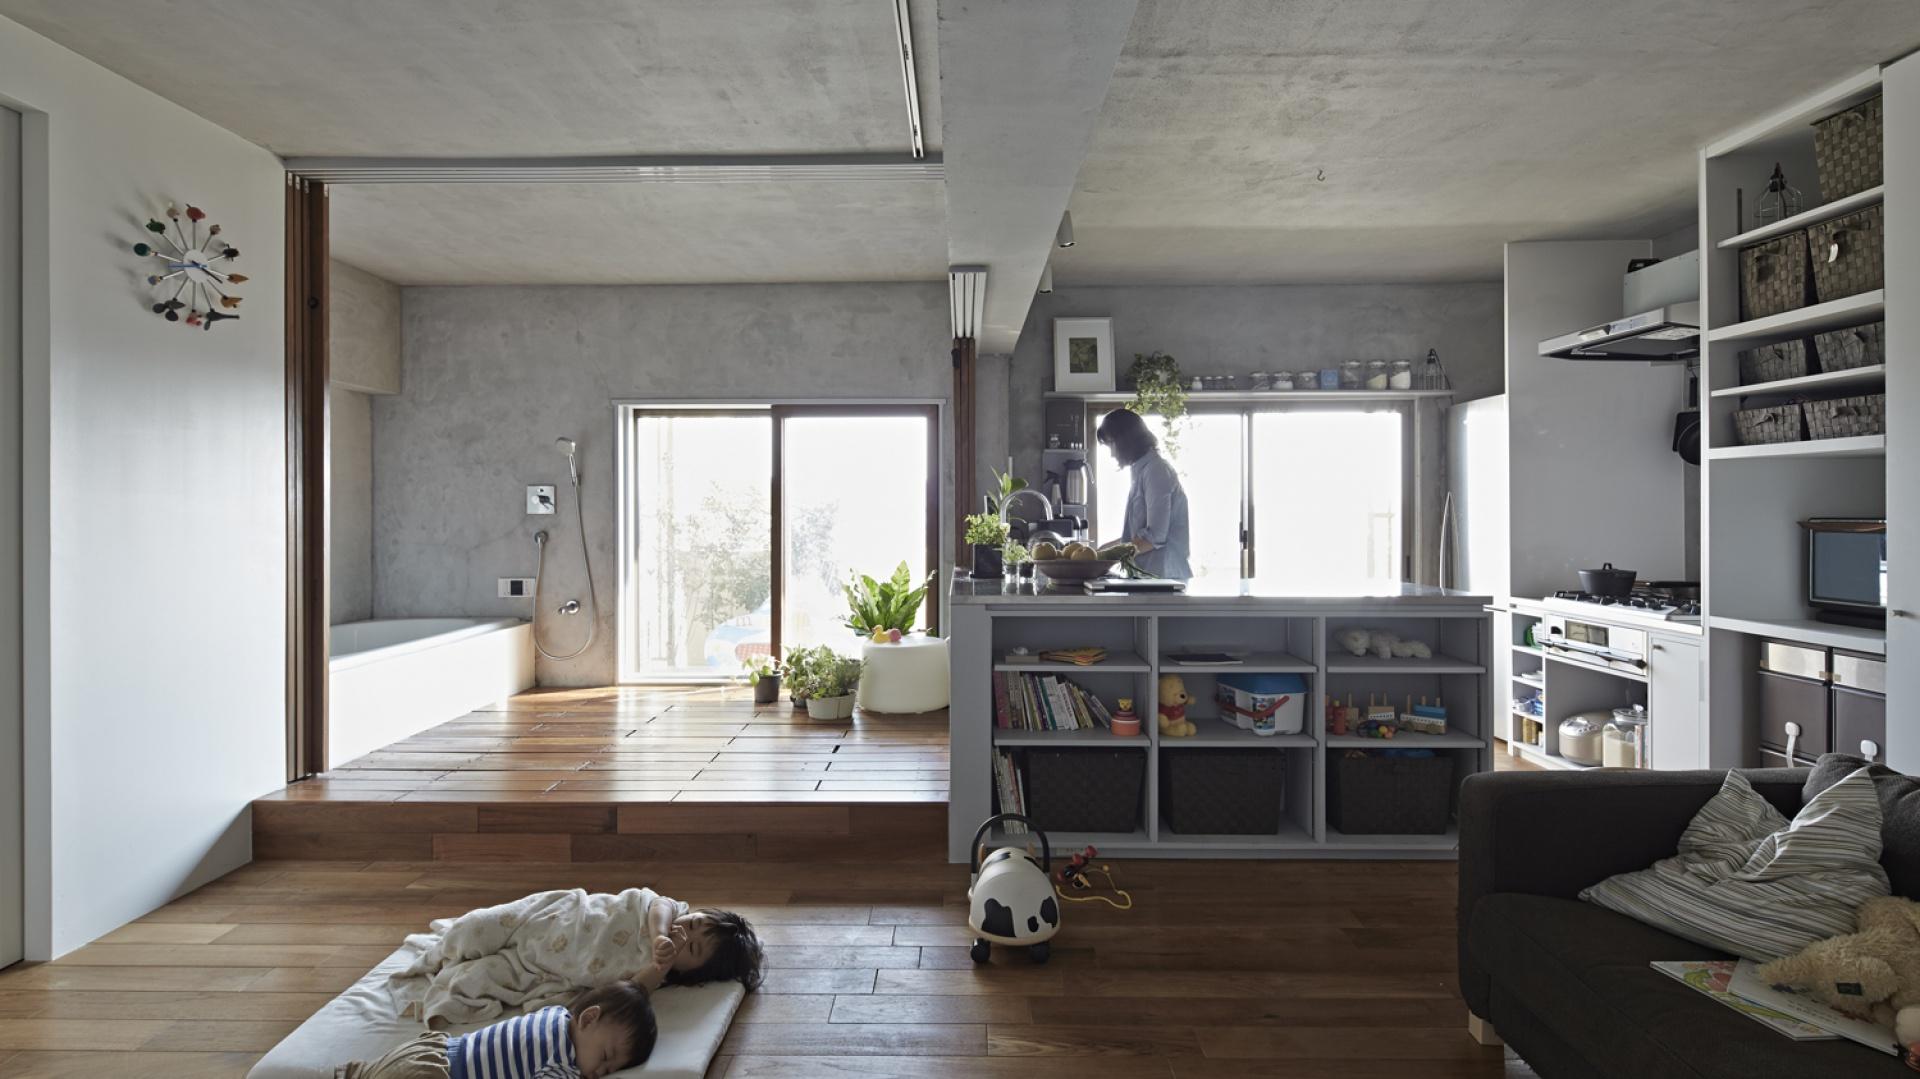 W jednym pomieszczeniu połączono wiele odrębnych funkcji. Fot. Koichi Torimura.